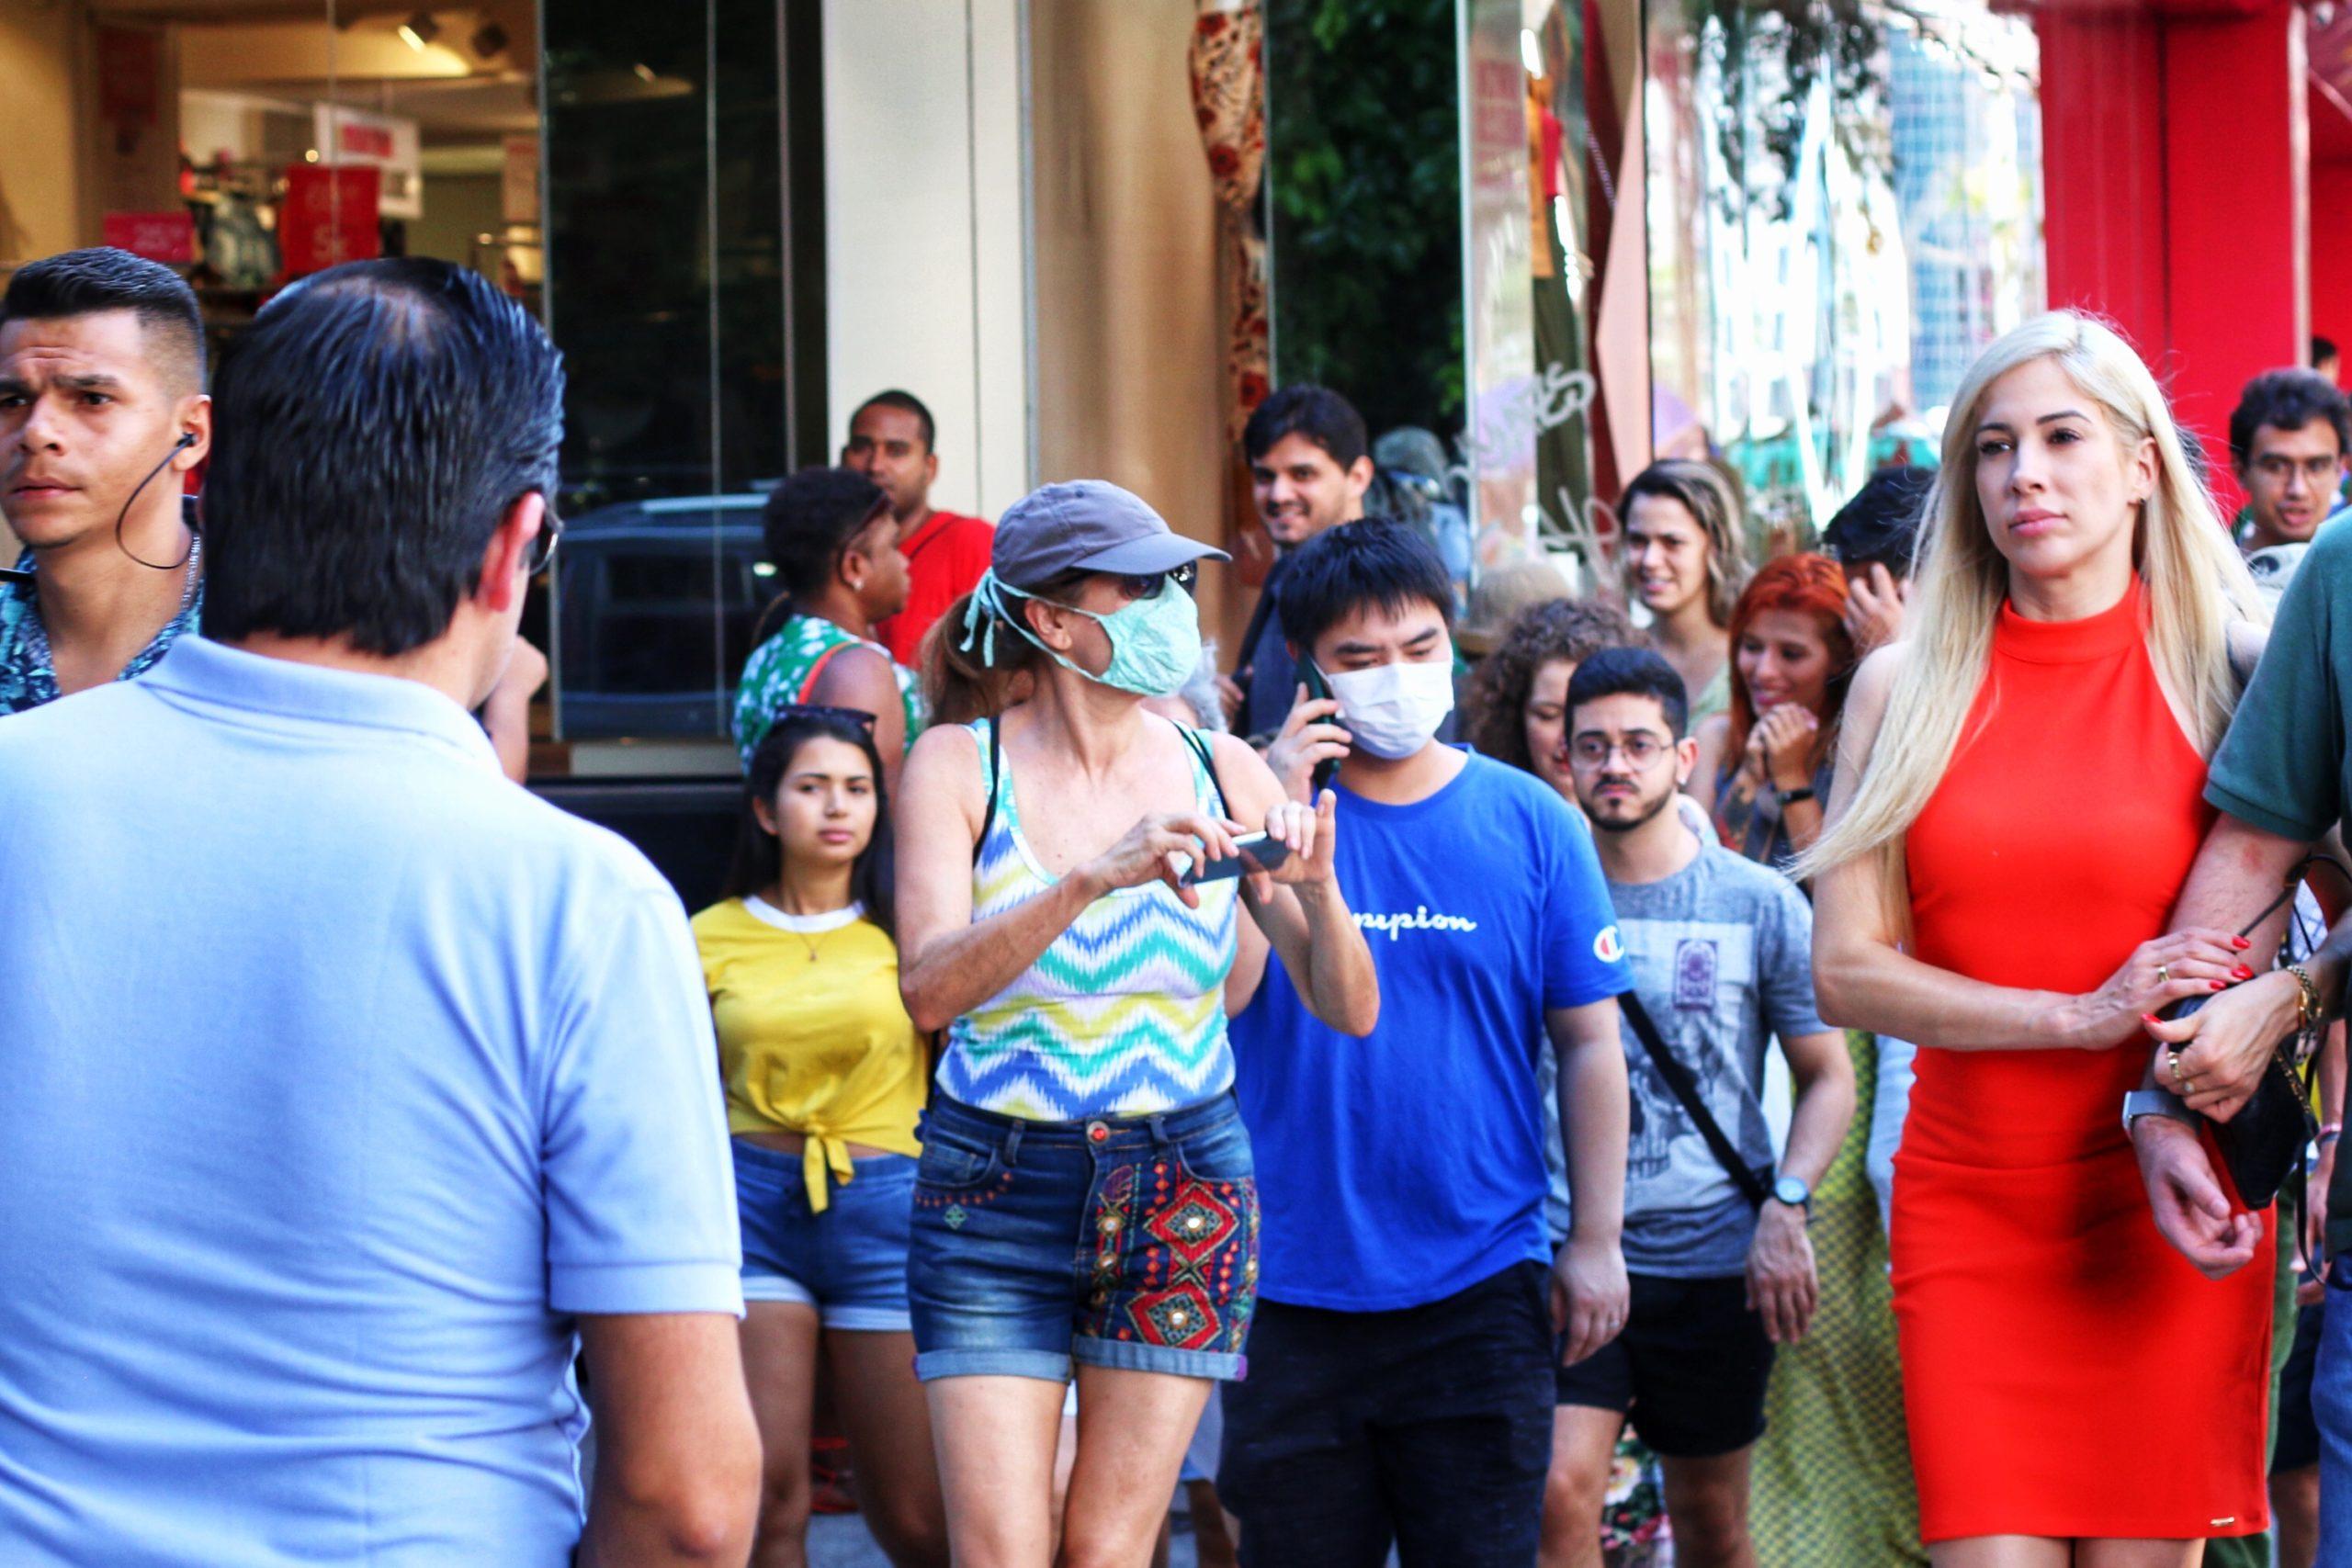 CORONAVÍRUS: Mortes por vírus passam de 10 mil no mundo